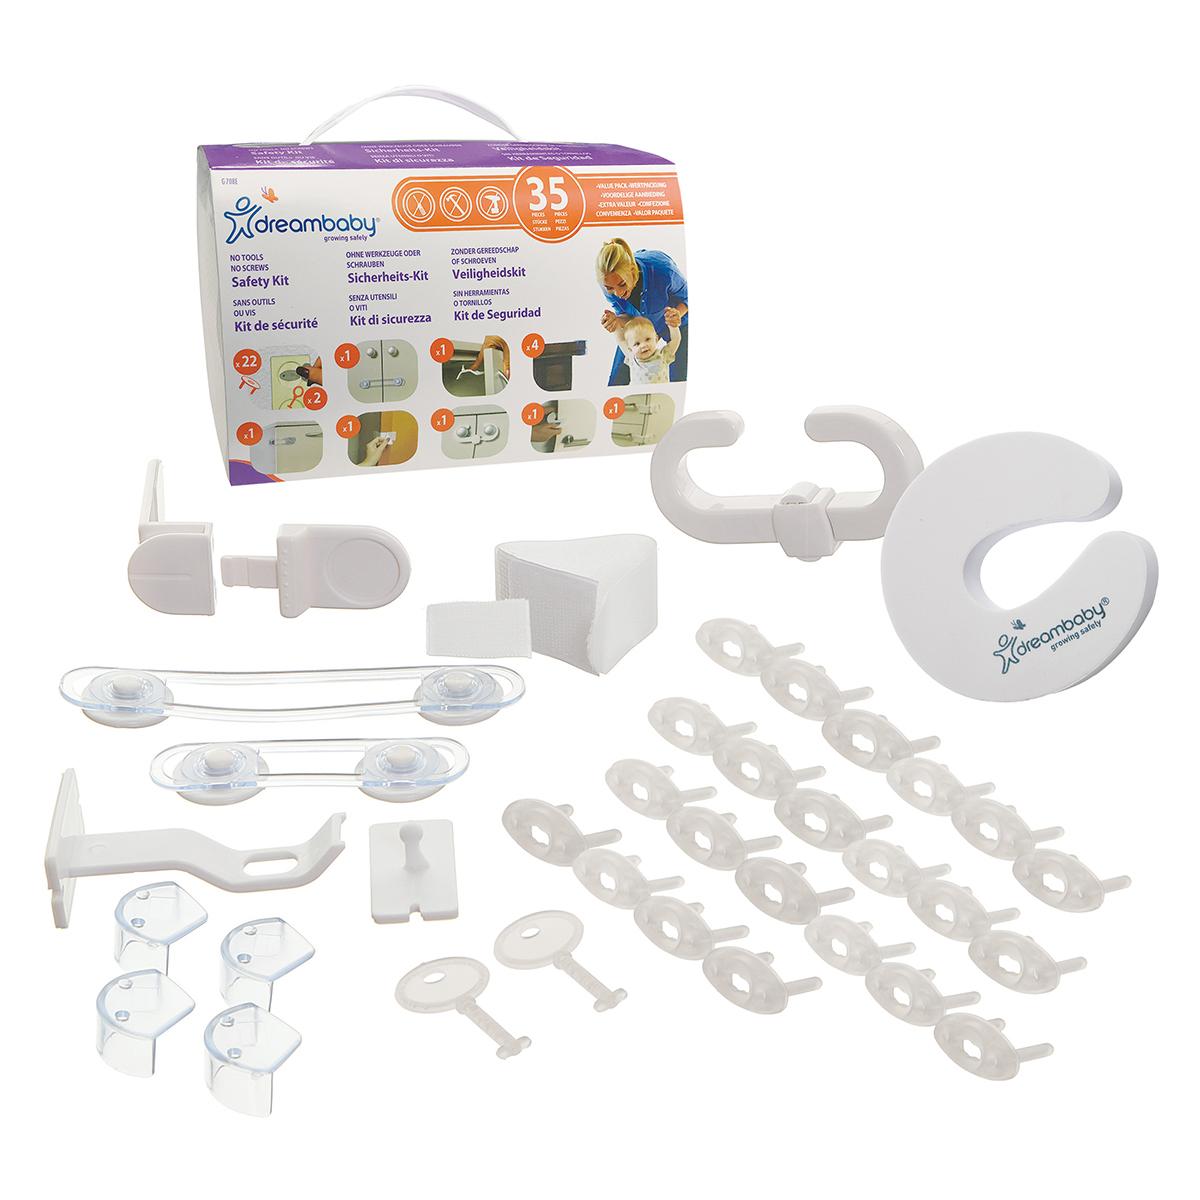 Sécurité domestique Kit de Sécurité Bébé Kit de Sécurité Bébé